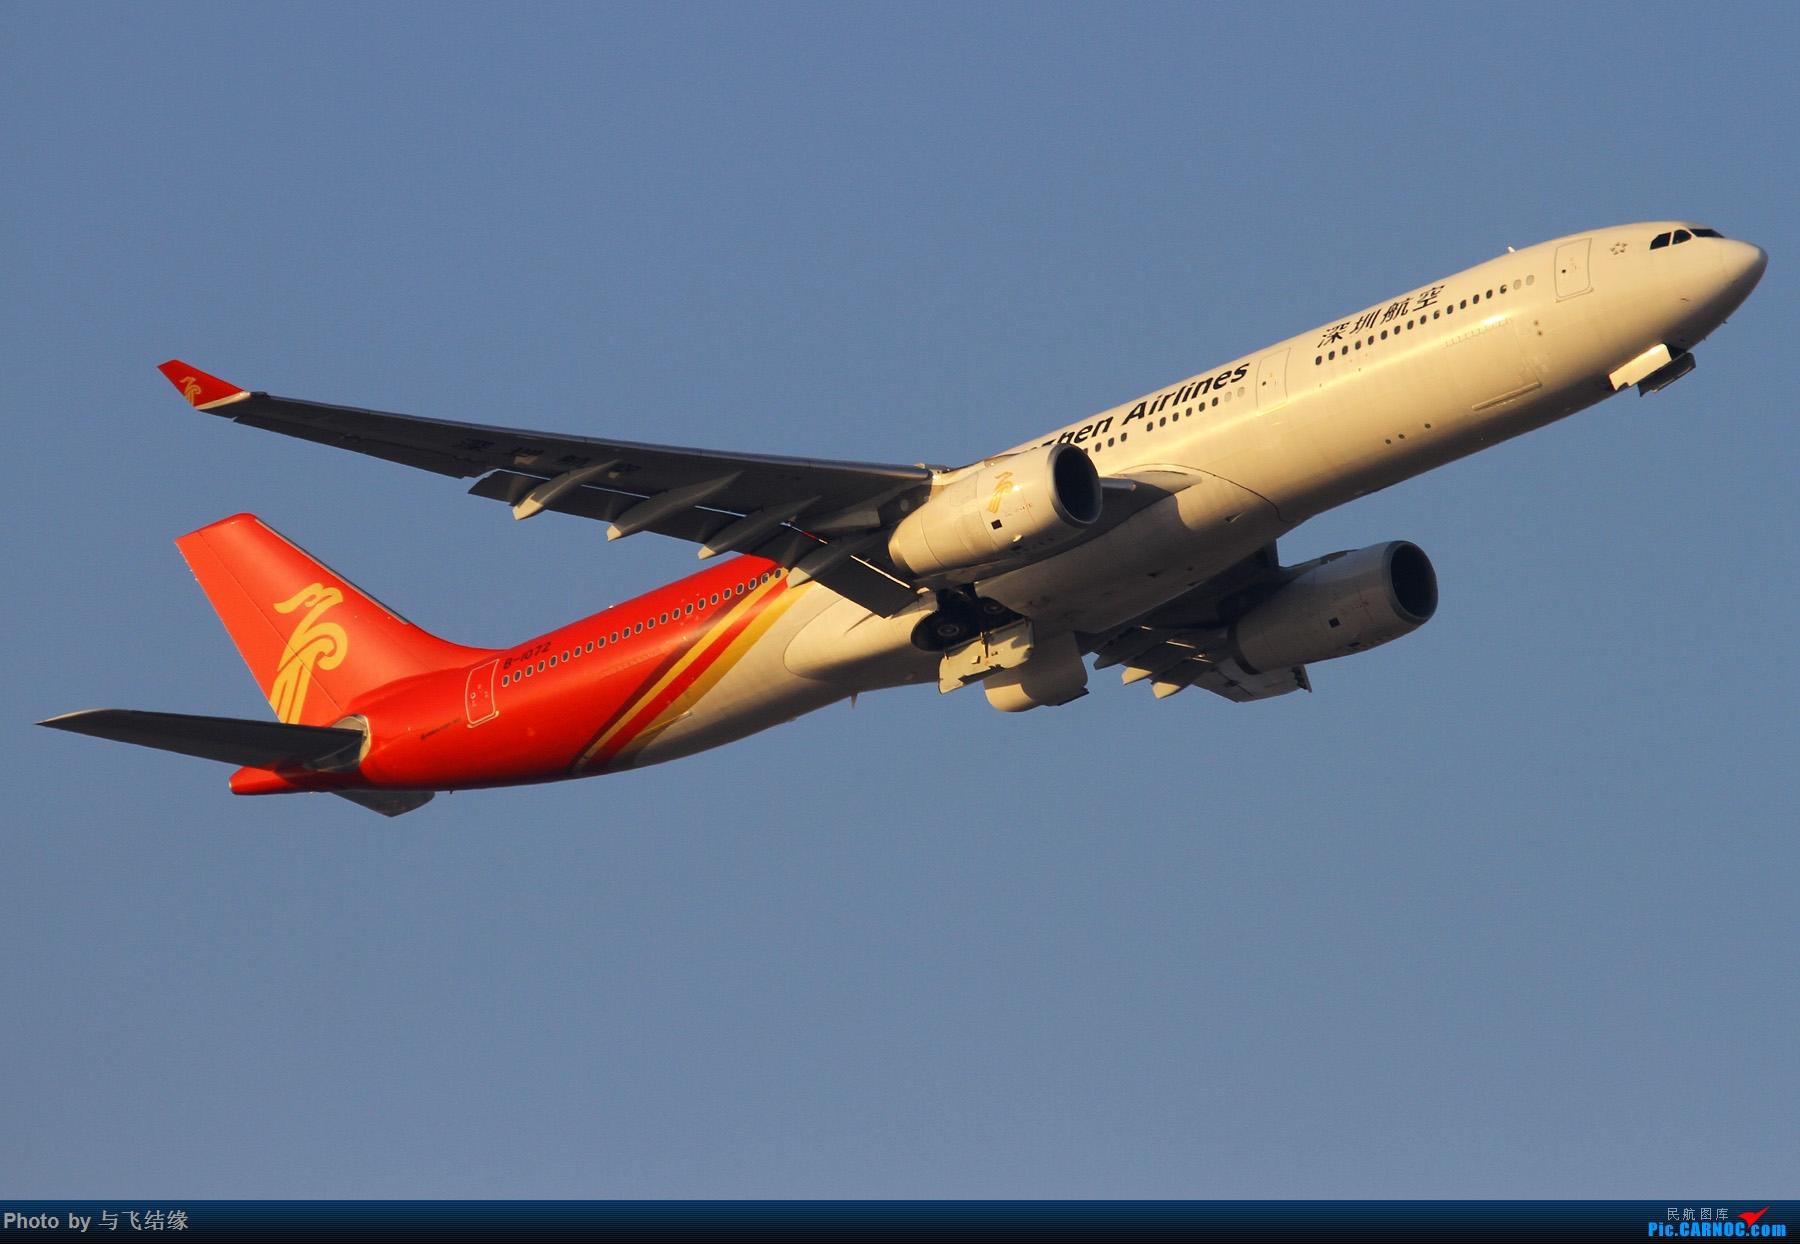 Re:[原创]明天三月三十日发几张空客330! AIRBUS A330-300 B-1072 中国北京首都国际机场